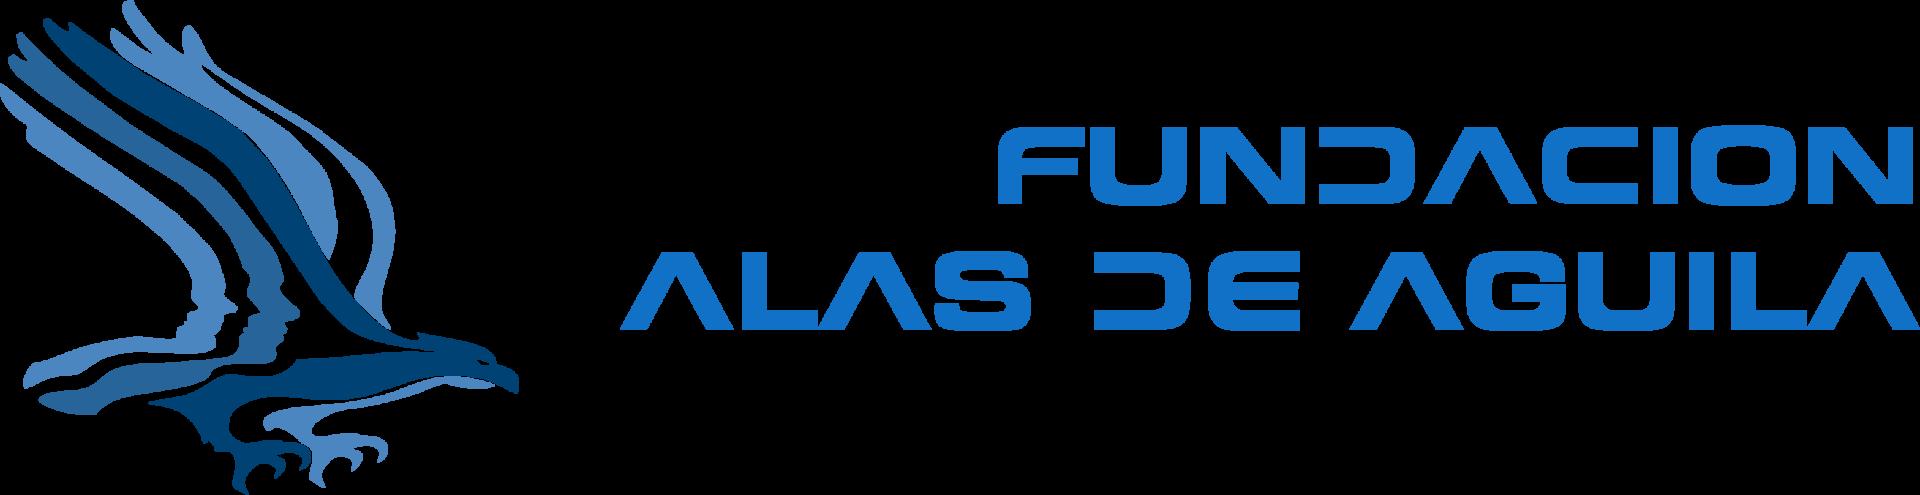 Fundación Alas de Águila